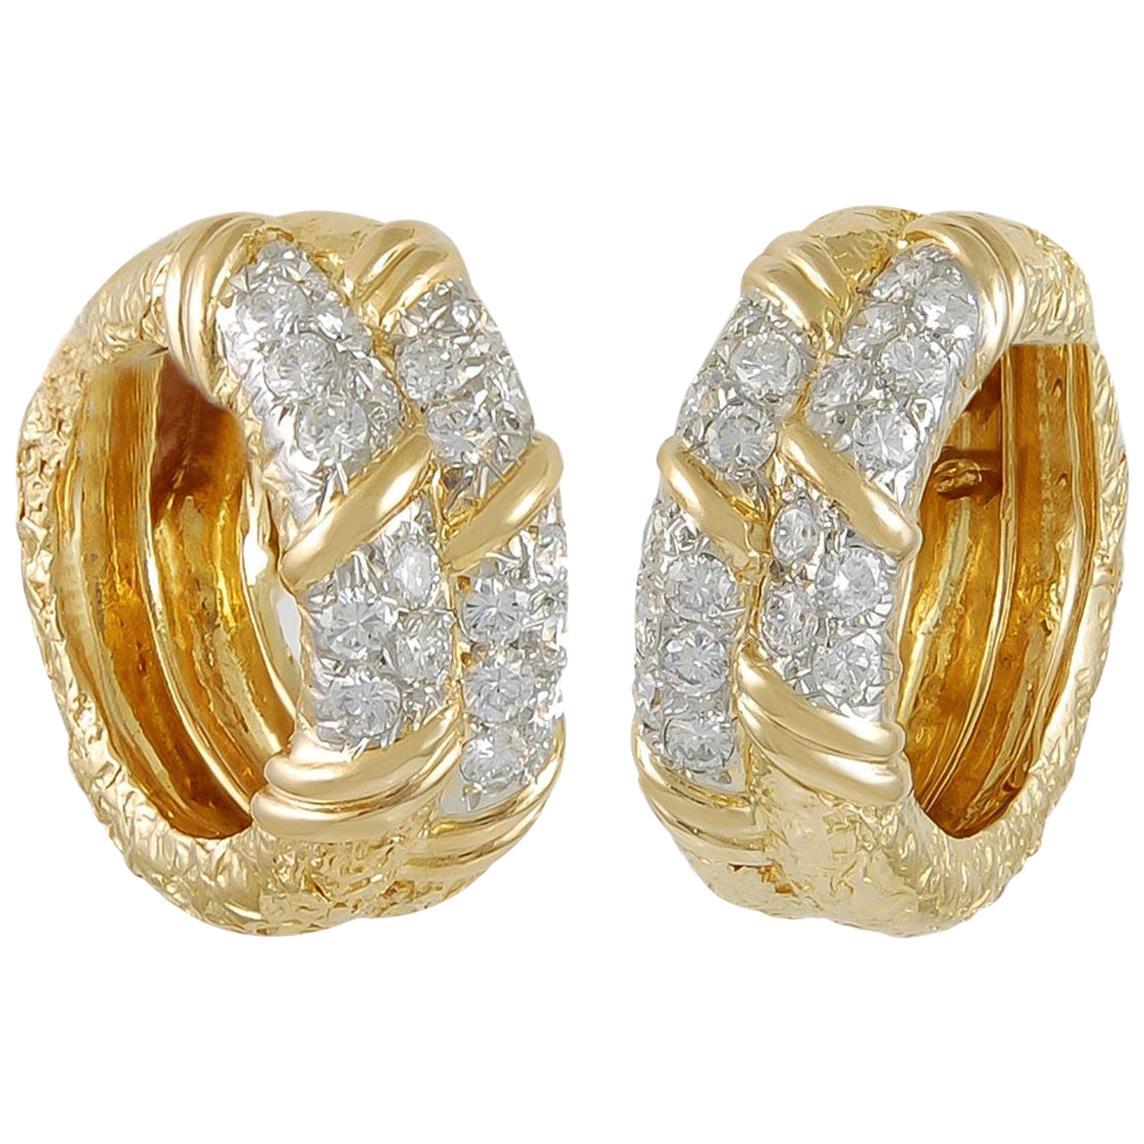 Van Cleef & Arpels Diamond Yellow Gold Hoop Earrings